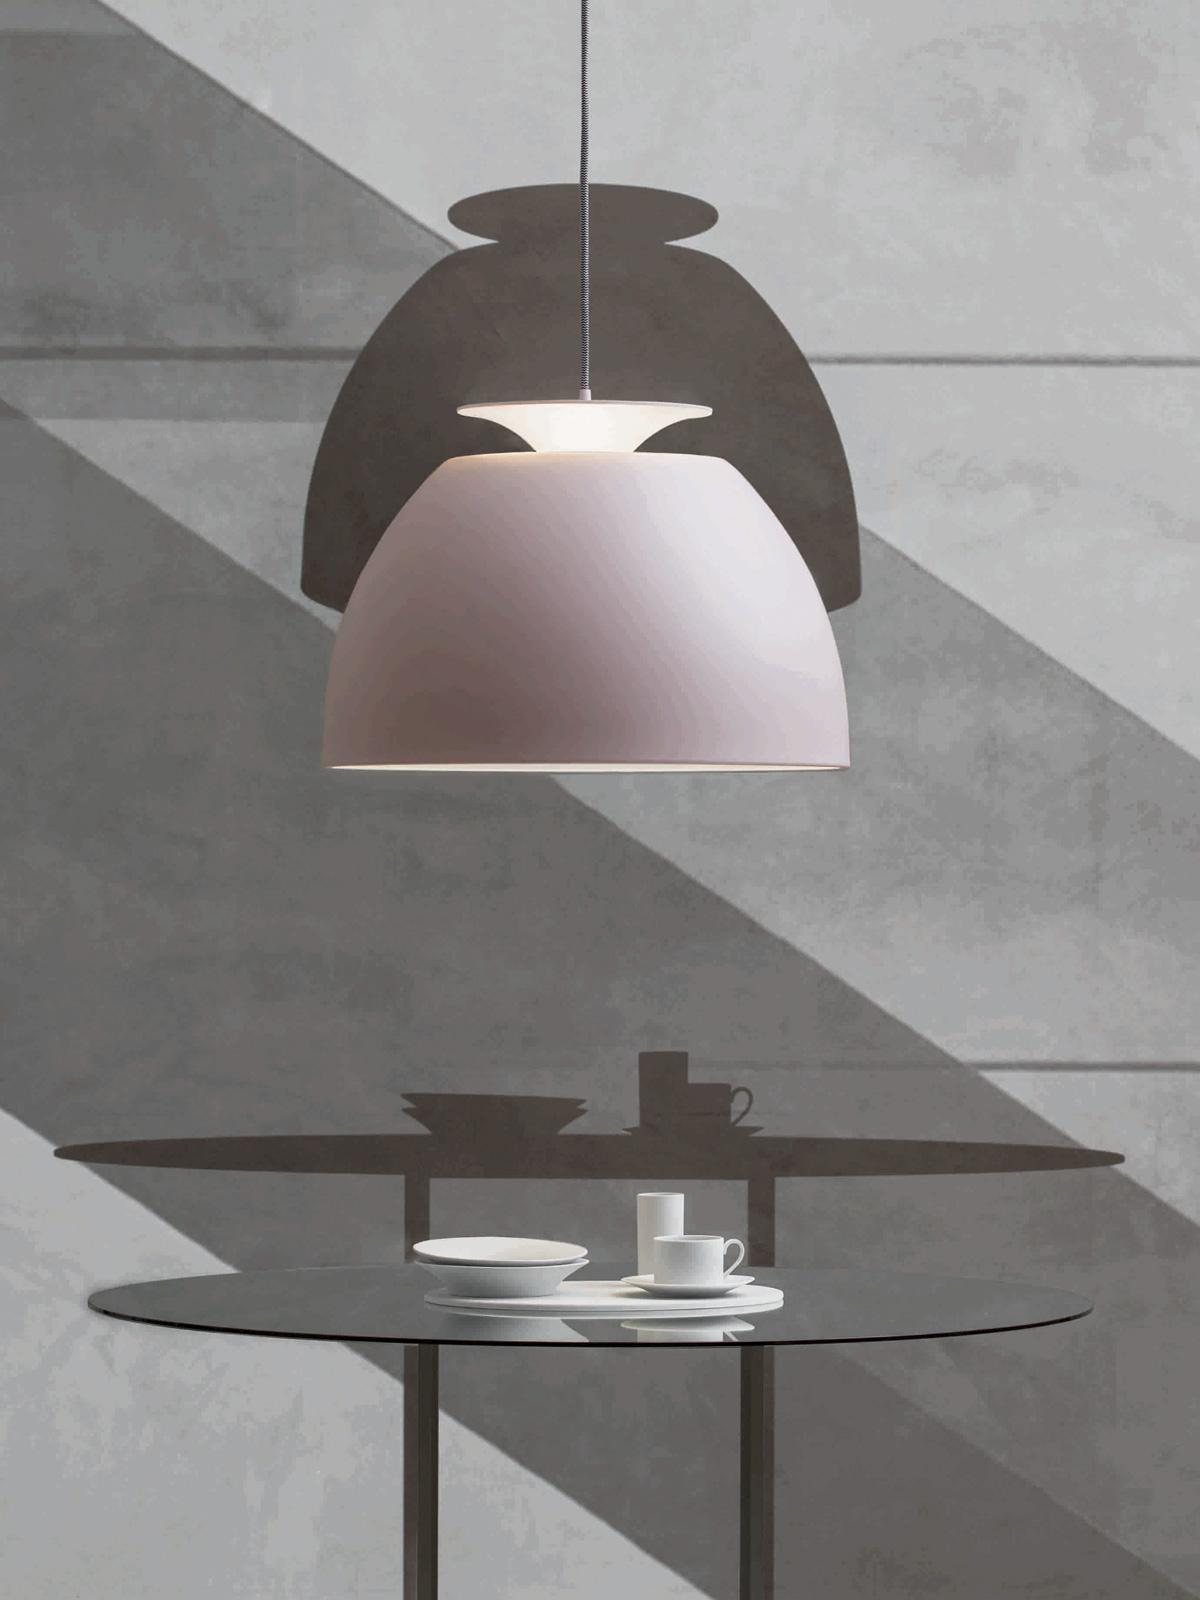 DesignOrt Blog: Farbenfrohe Leuchten Bossa Designerleuchte Lumini